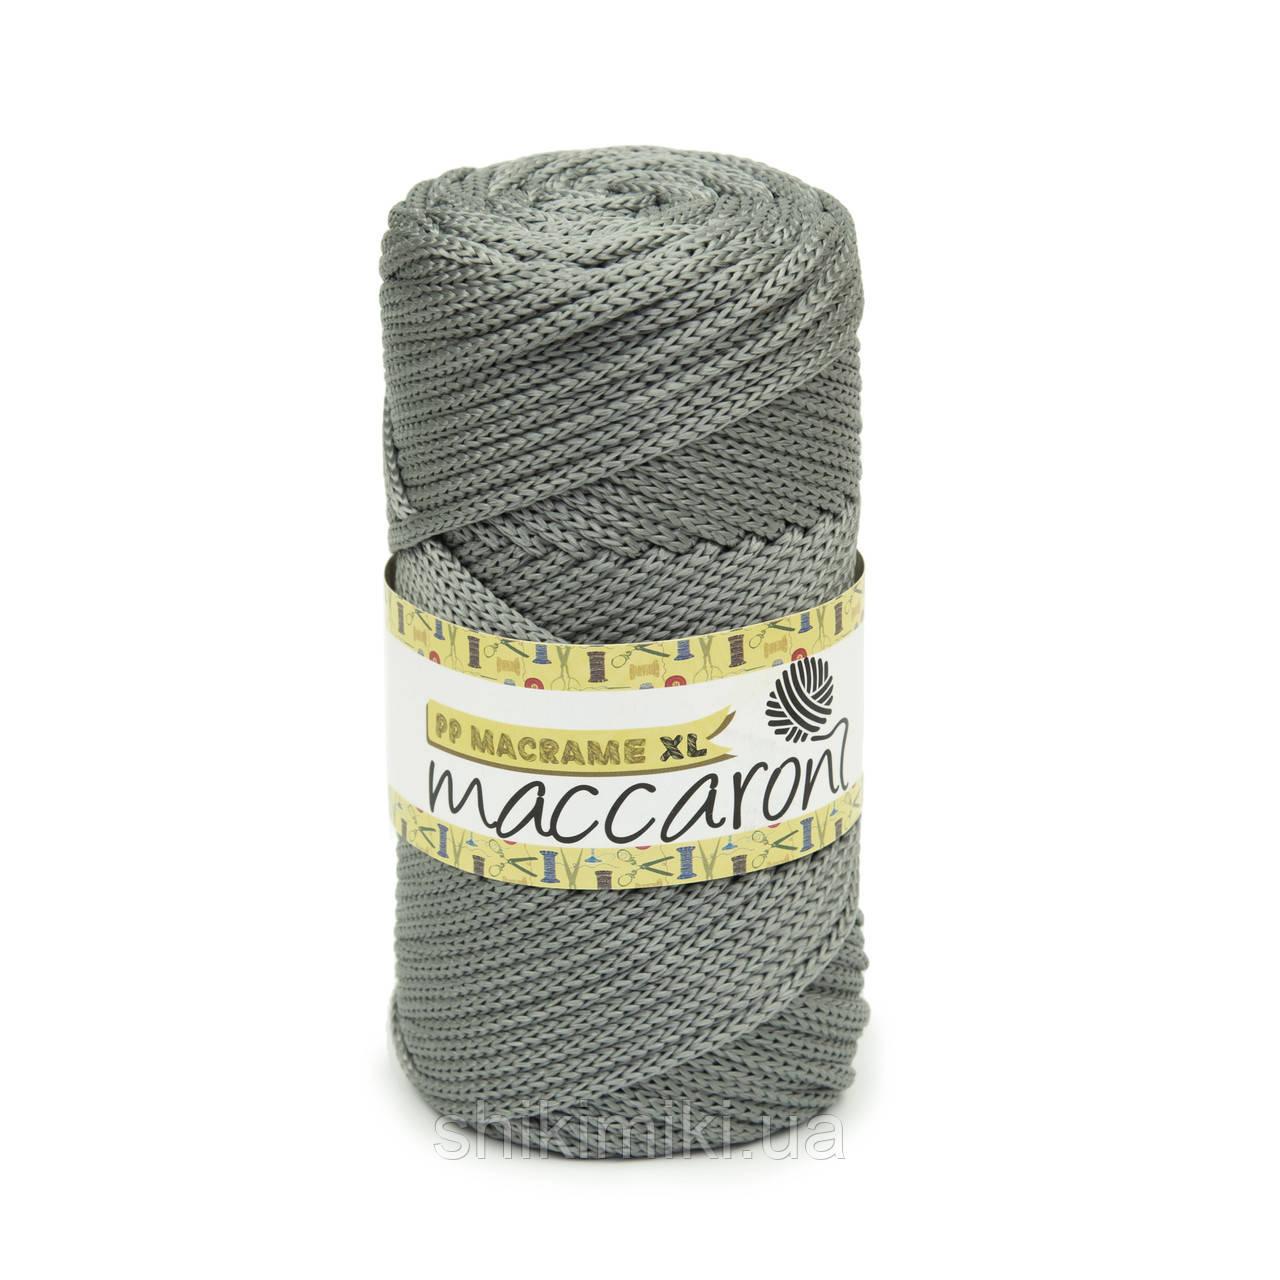 Трикотажный полипропиленовый шнур PP Macrame XL 4 mm, цвет Серый